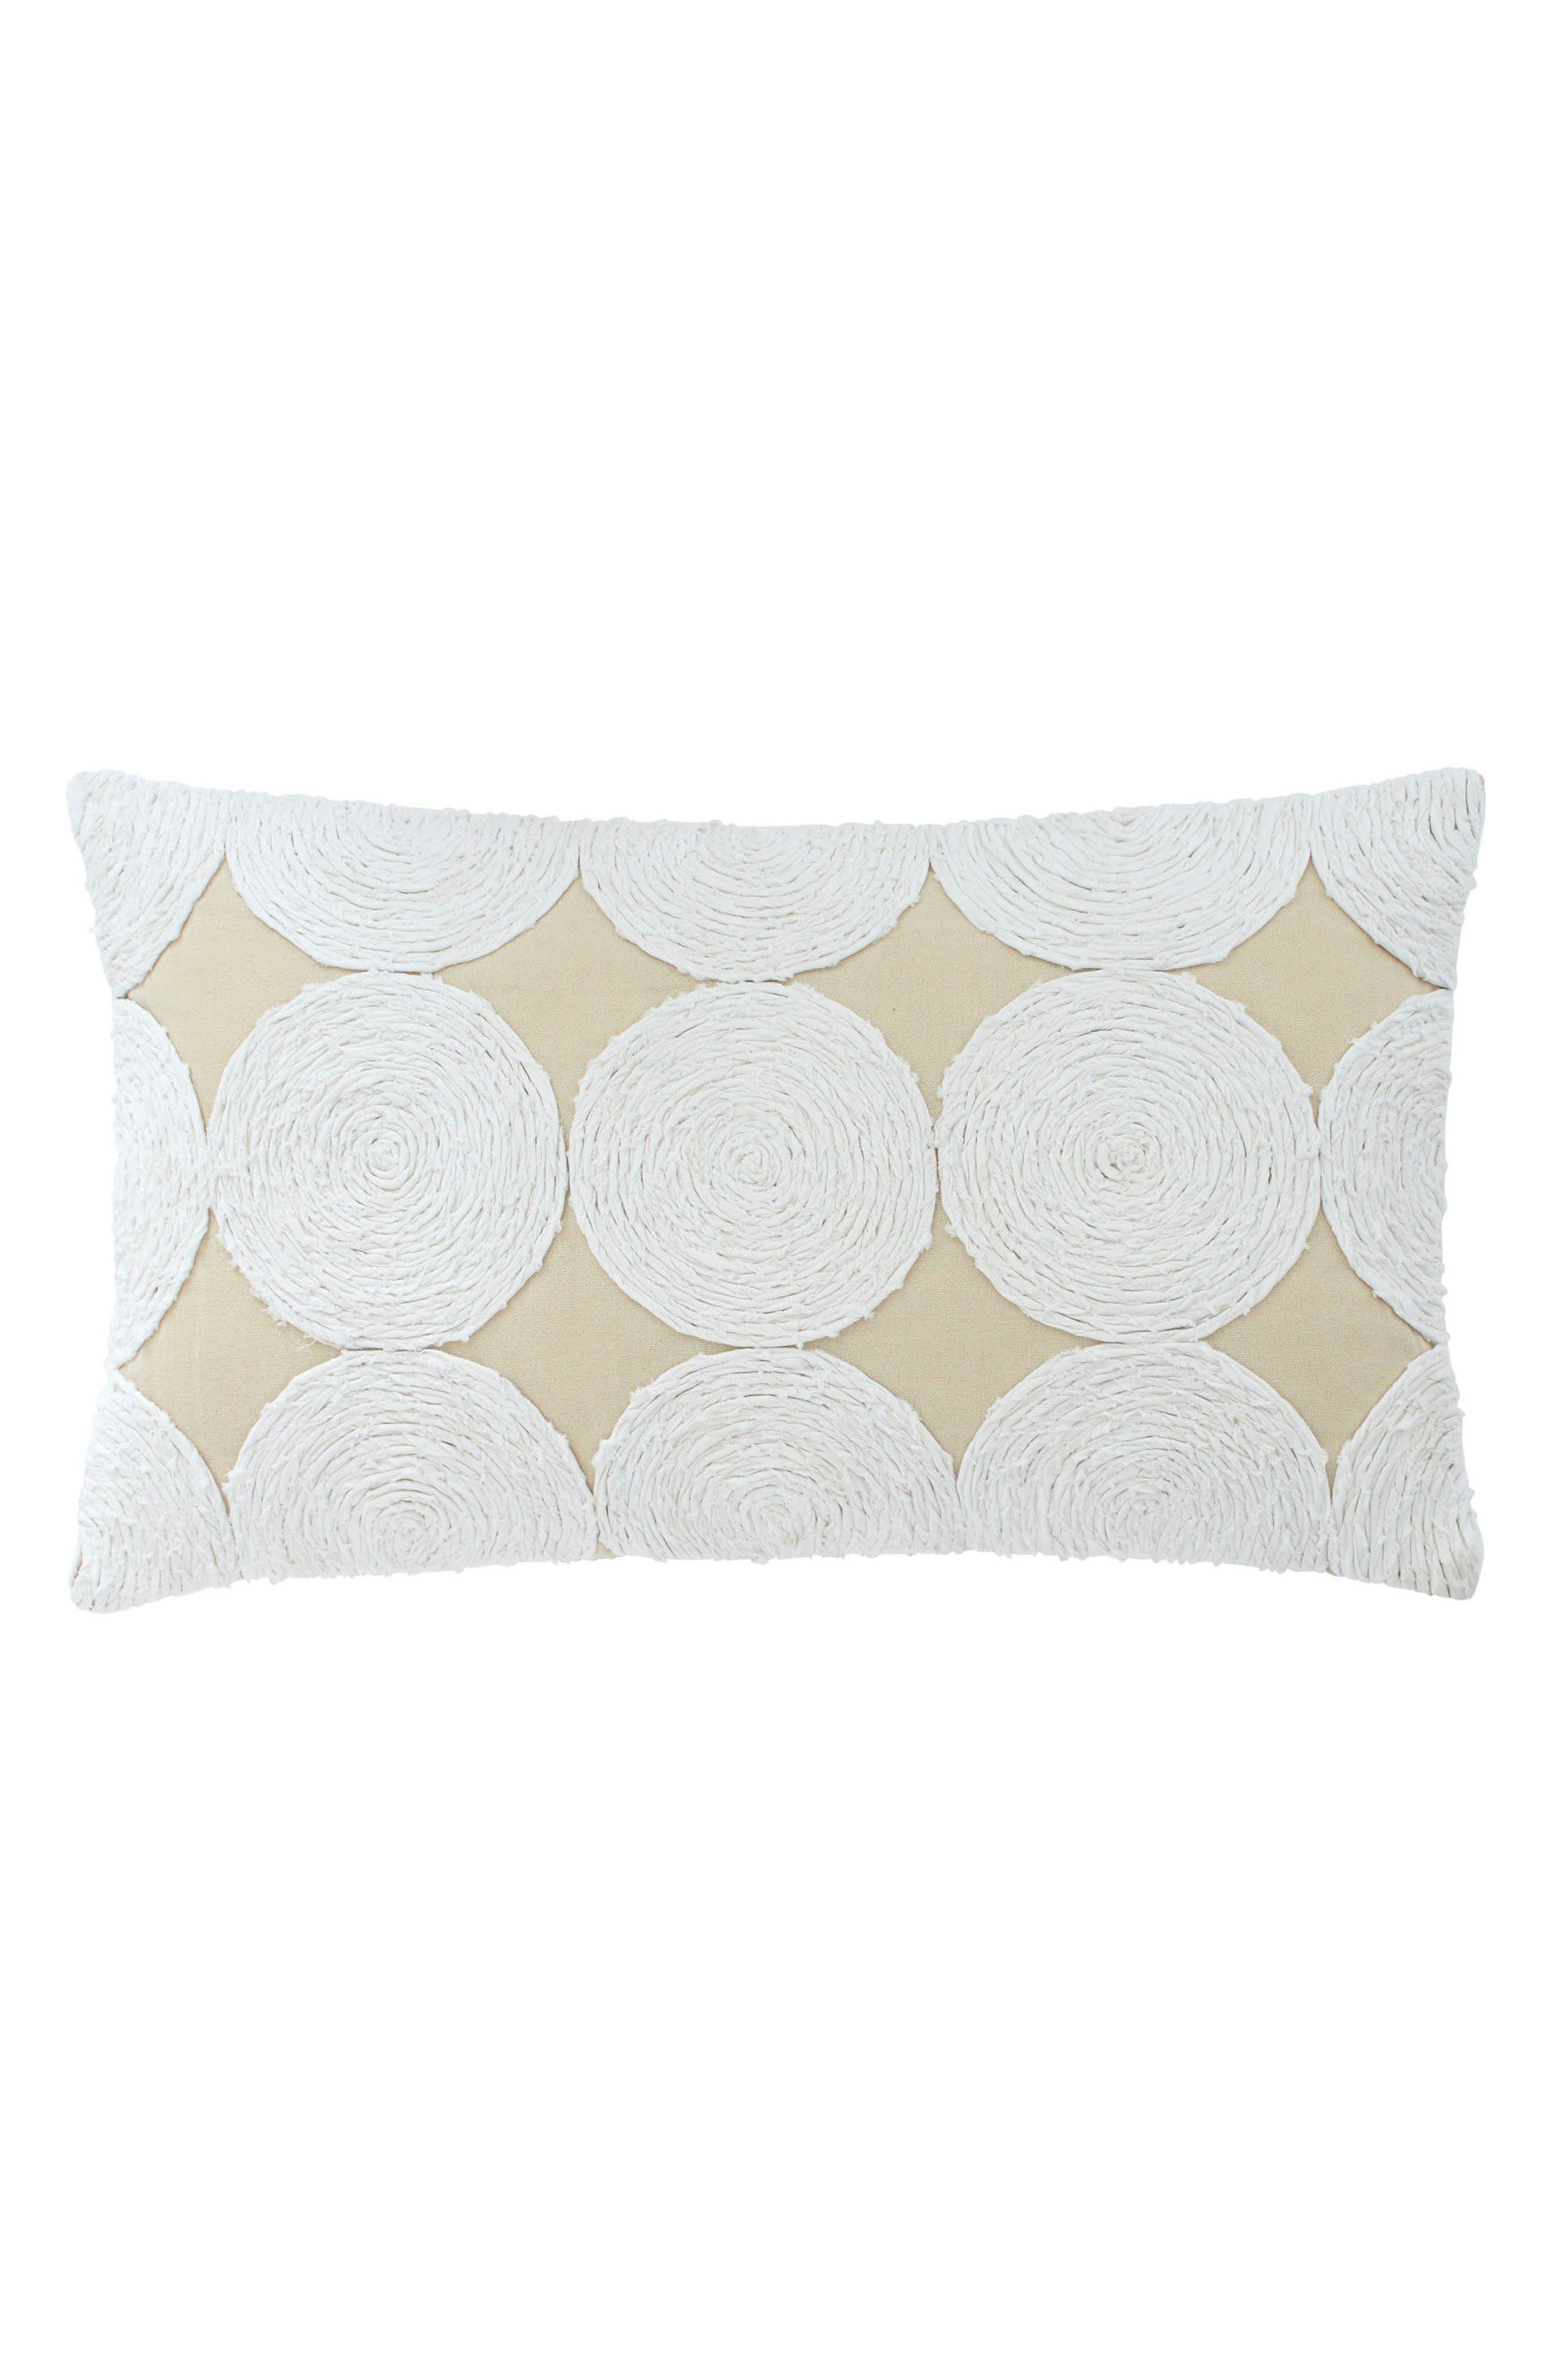 Southern Hospitality Appliqué Accent Pillow,                         Main,                         color, Khaki